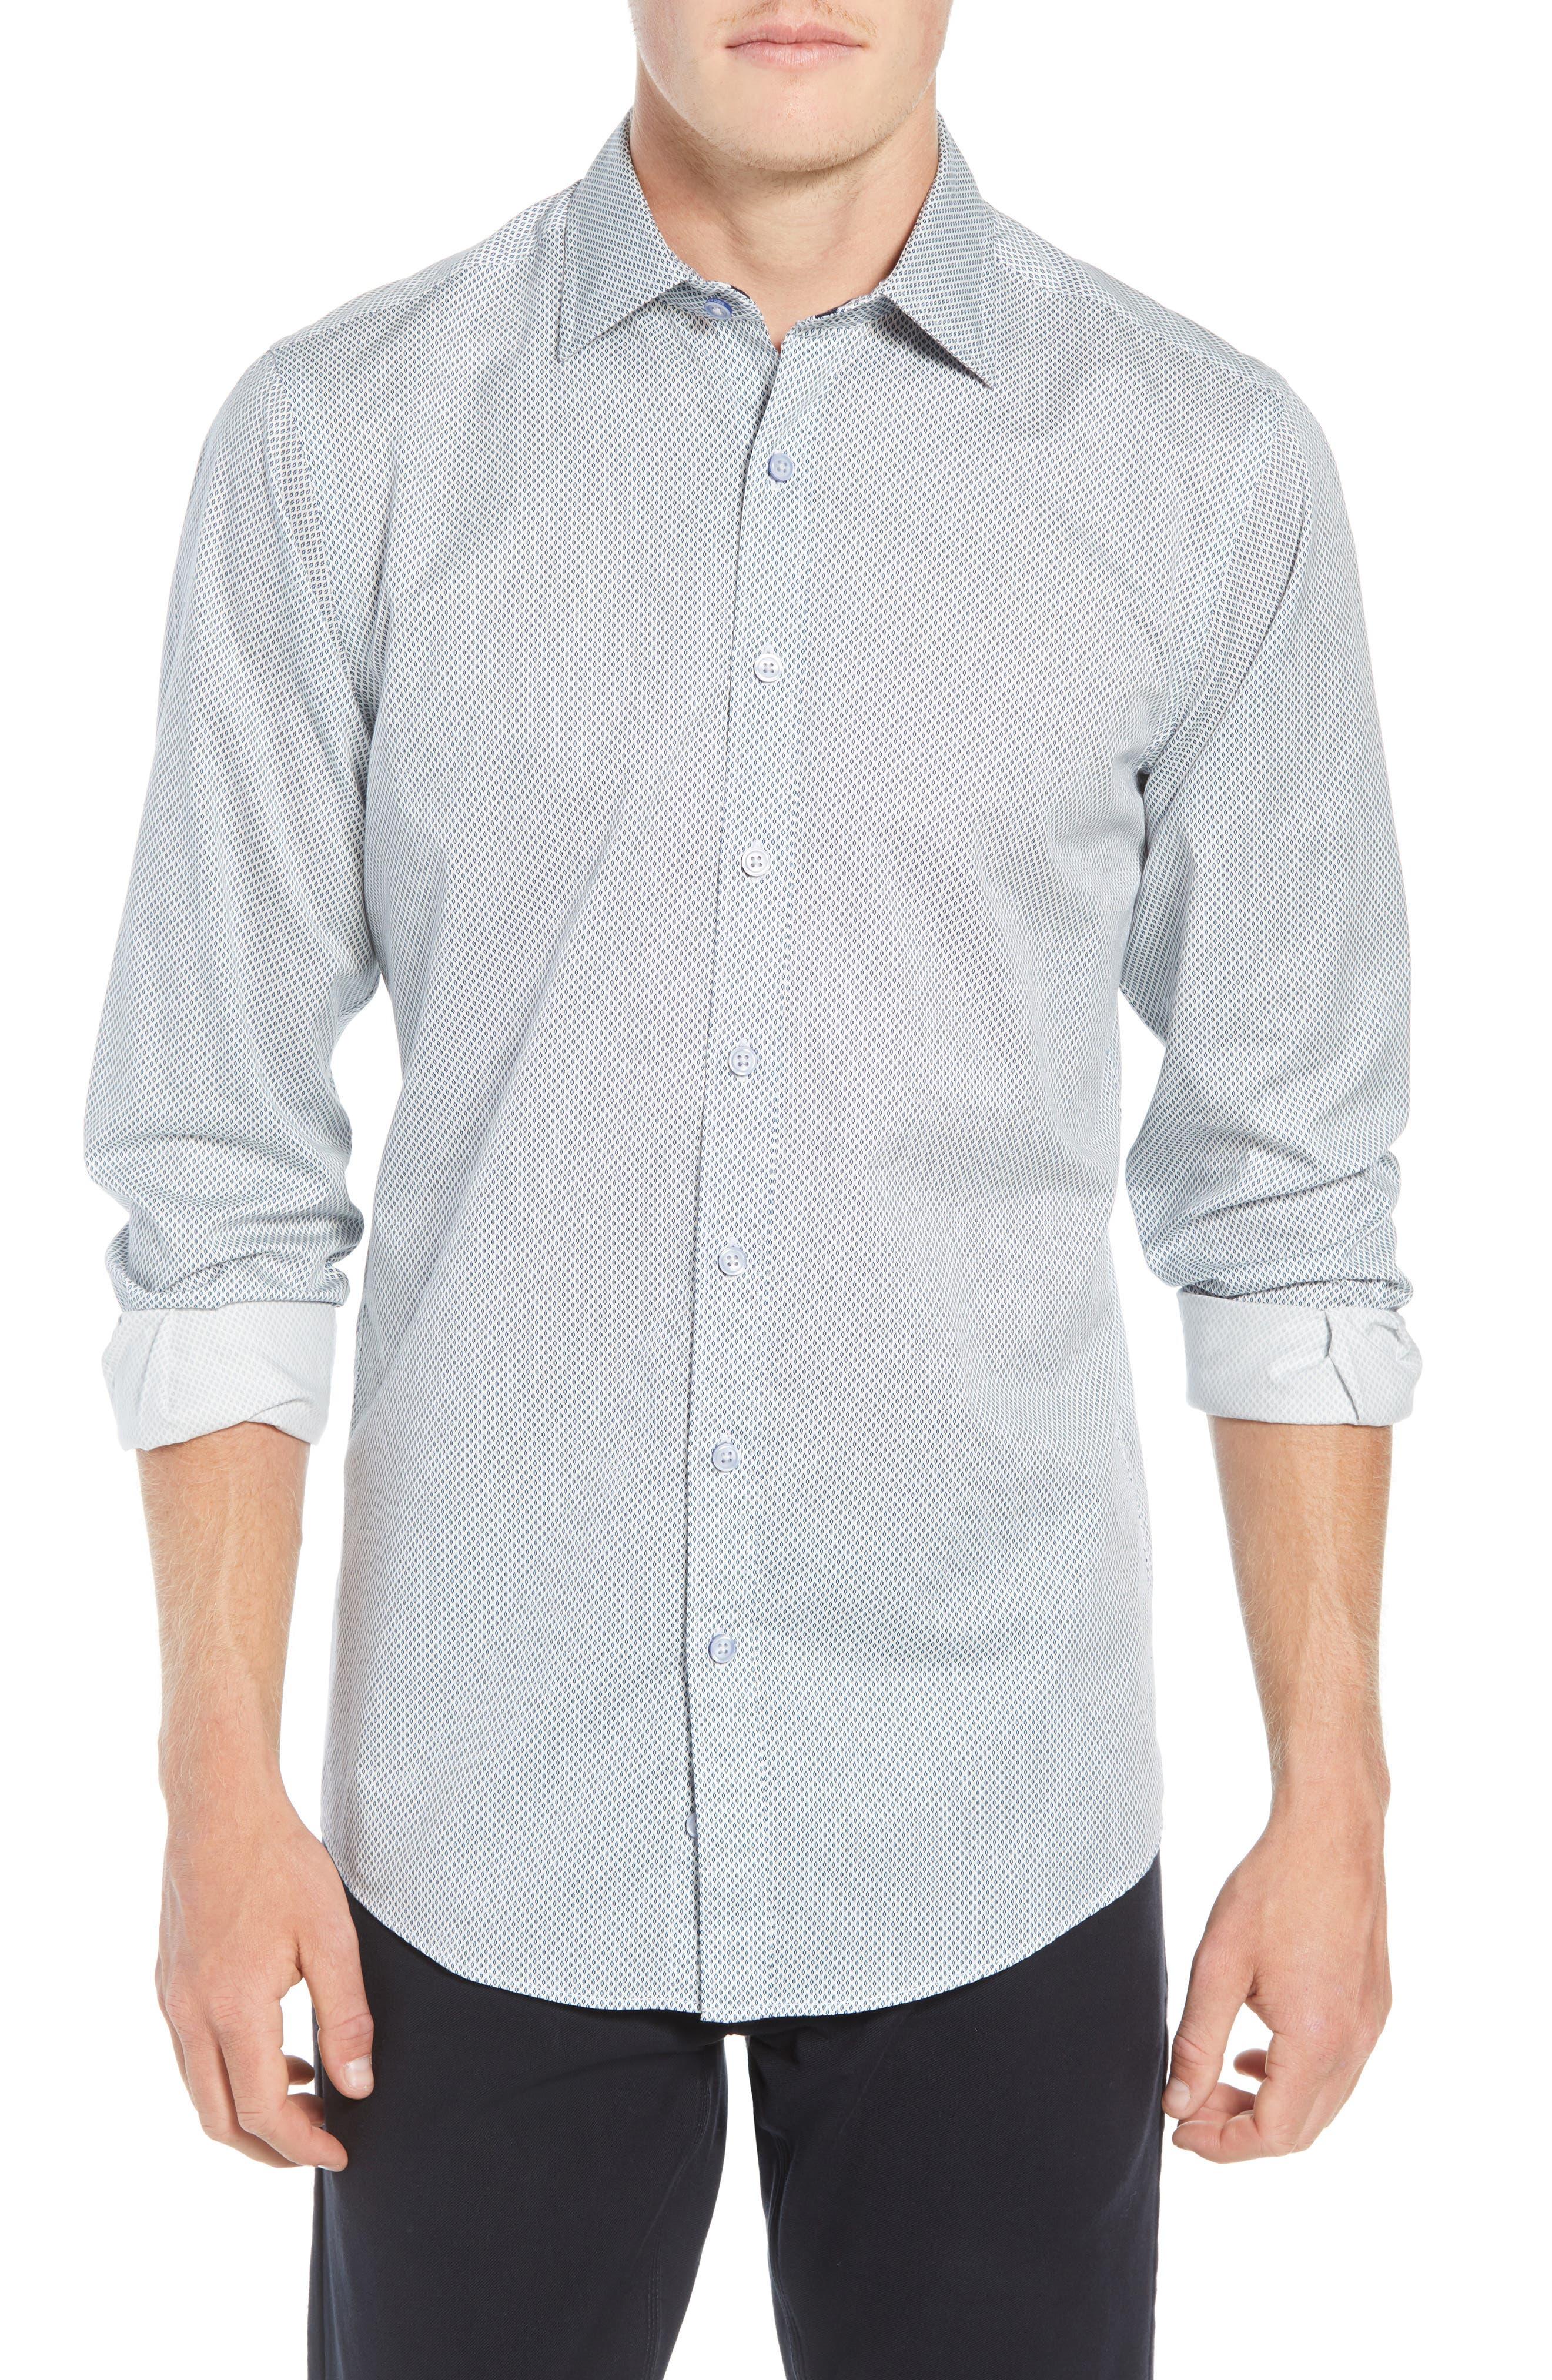 RODD & GUNN Helston Way Regular Fit Sport Shirt, Main, color, SNOW